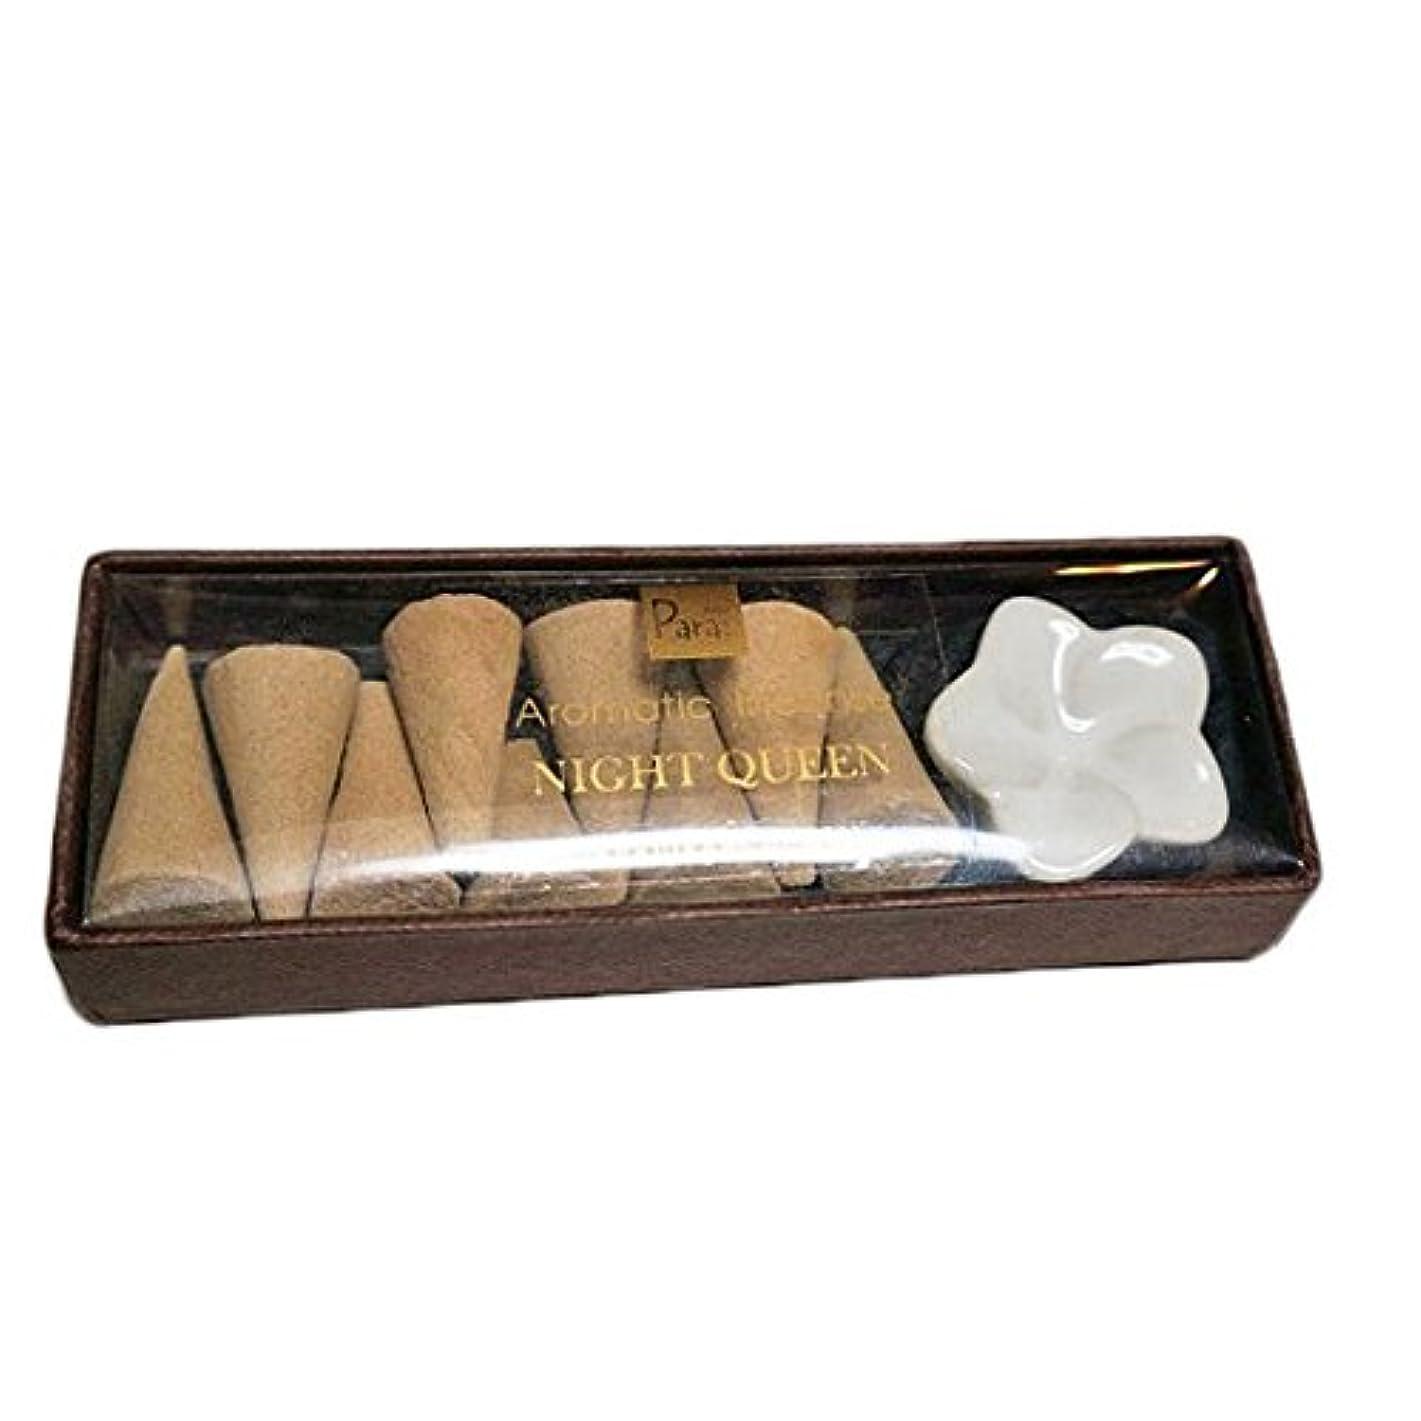 バング不毛以下ナイトクイーン お香セット【トコパラス TOKO PARAS】バリ島 フランジパニの陶器のお香立て付き ナチュラルハンドメイドのお香